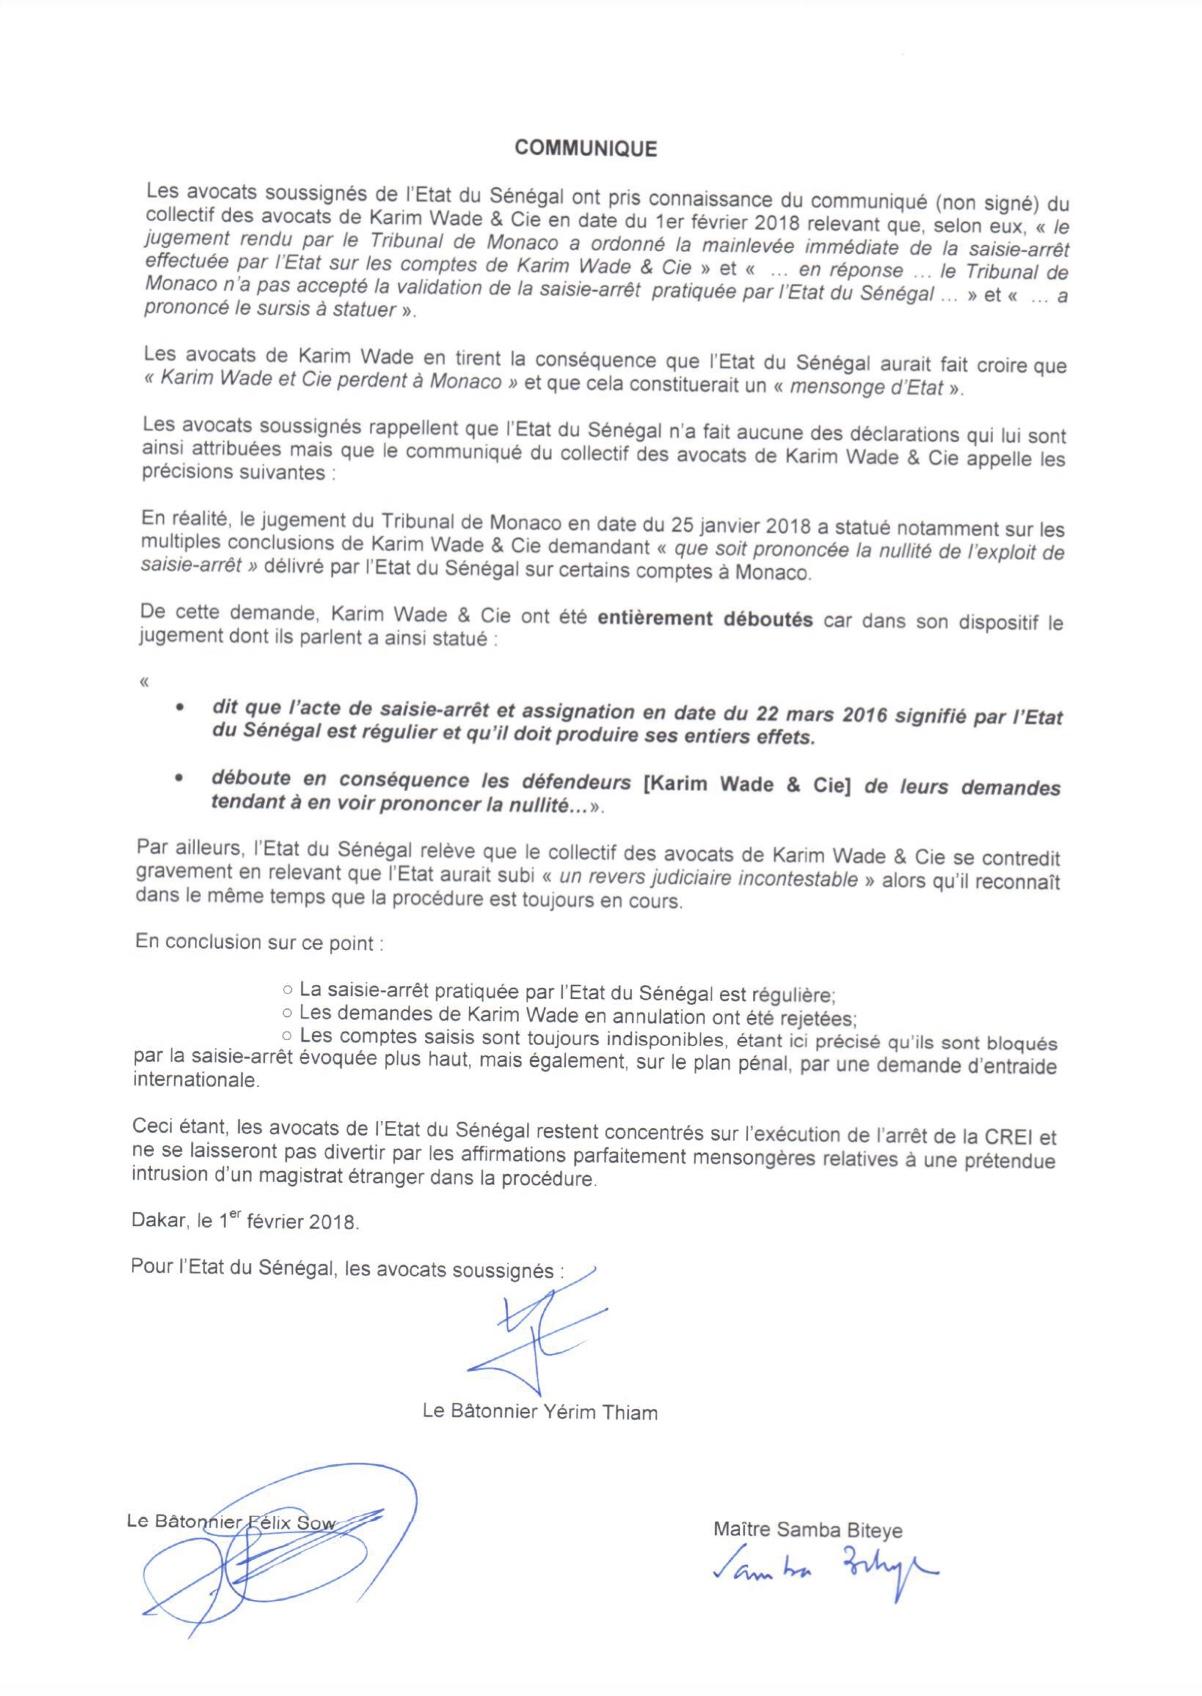 JUGEMENT RENDU PAR LE TRIBUNAL DE MONACO : Les avocats de l'Etat du Sénégal recadrent ceux de Karim Wade (DOCUMENT)